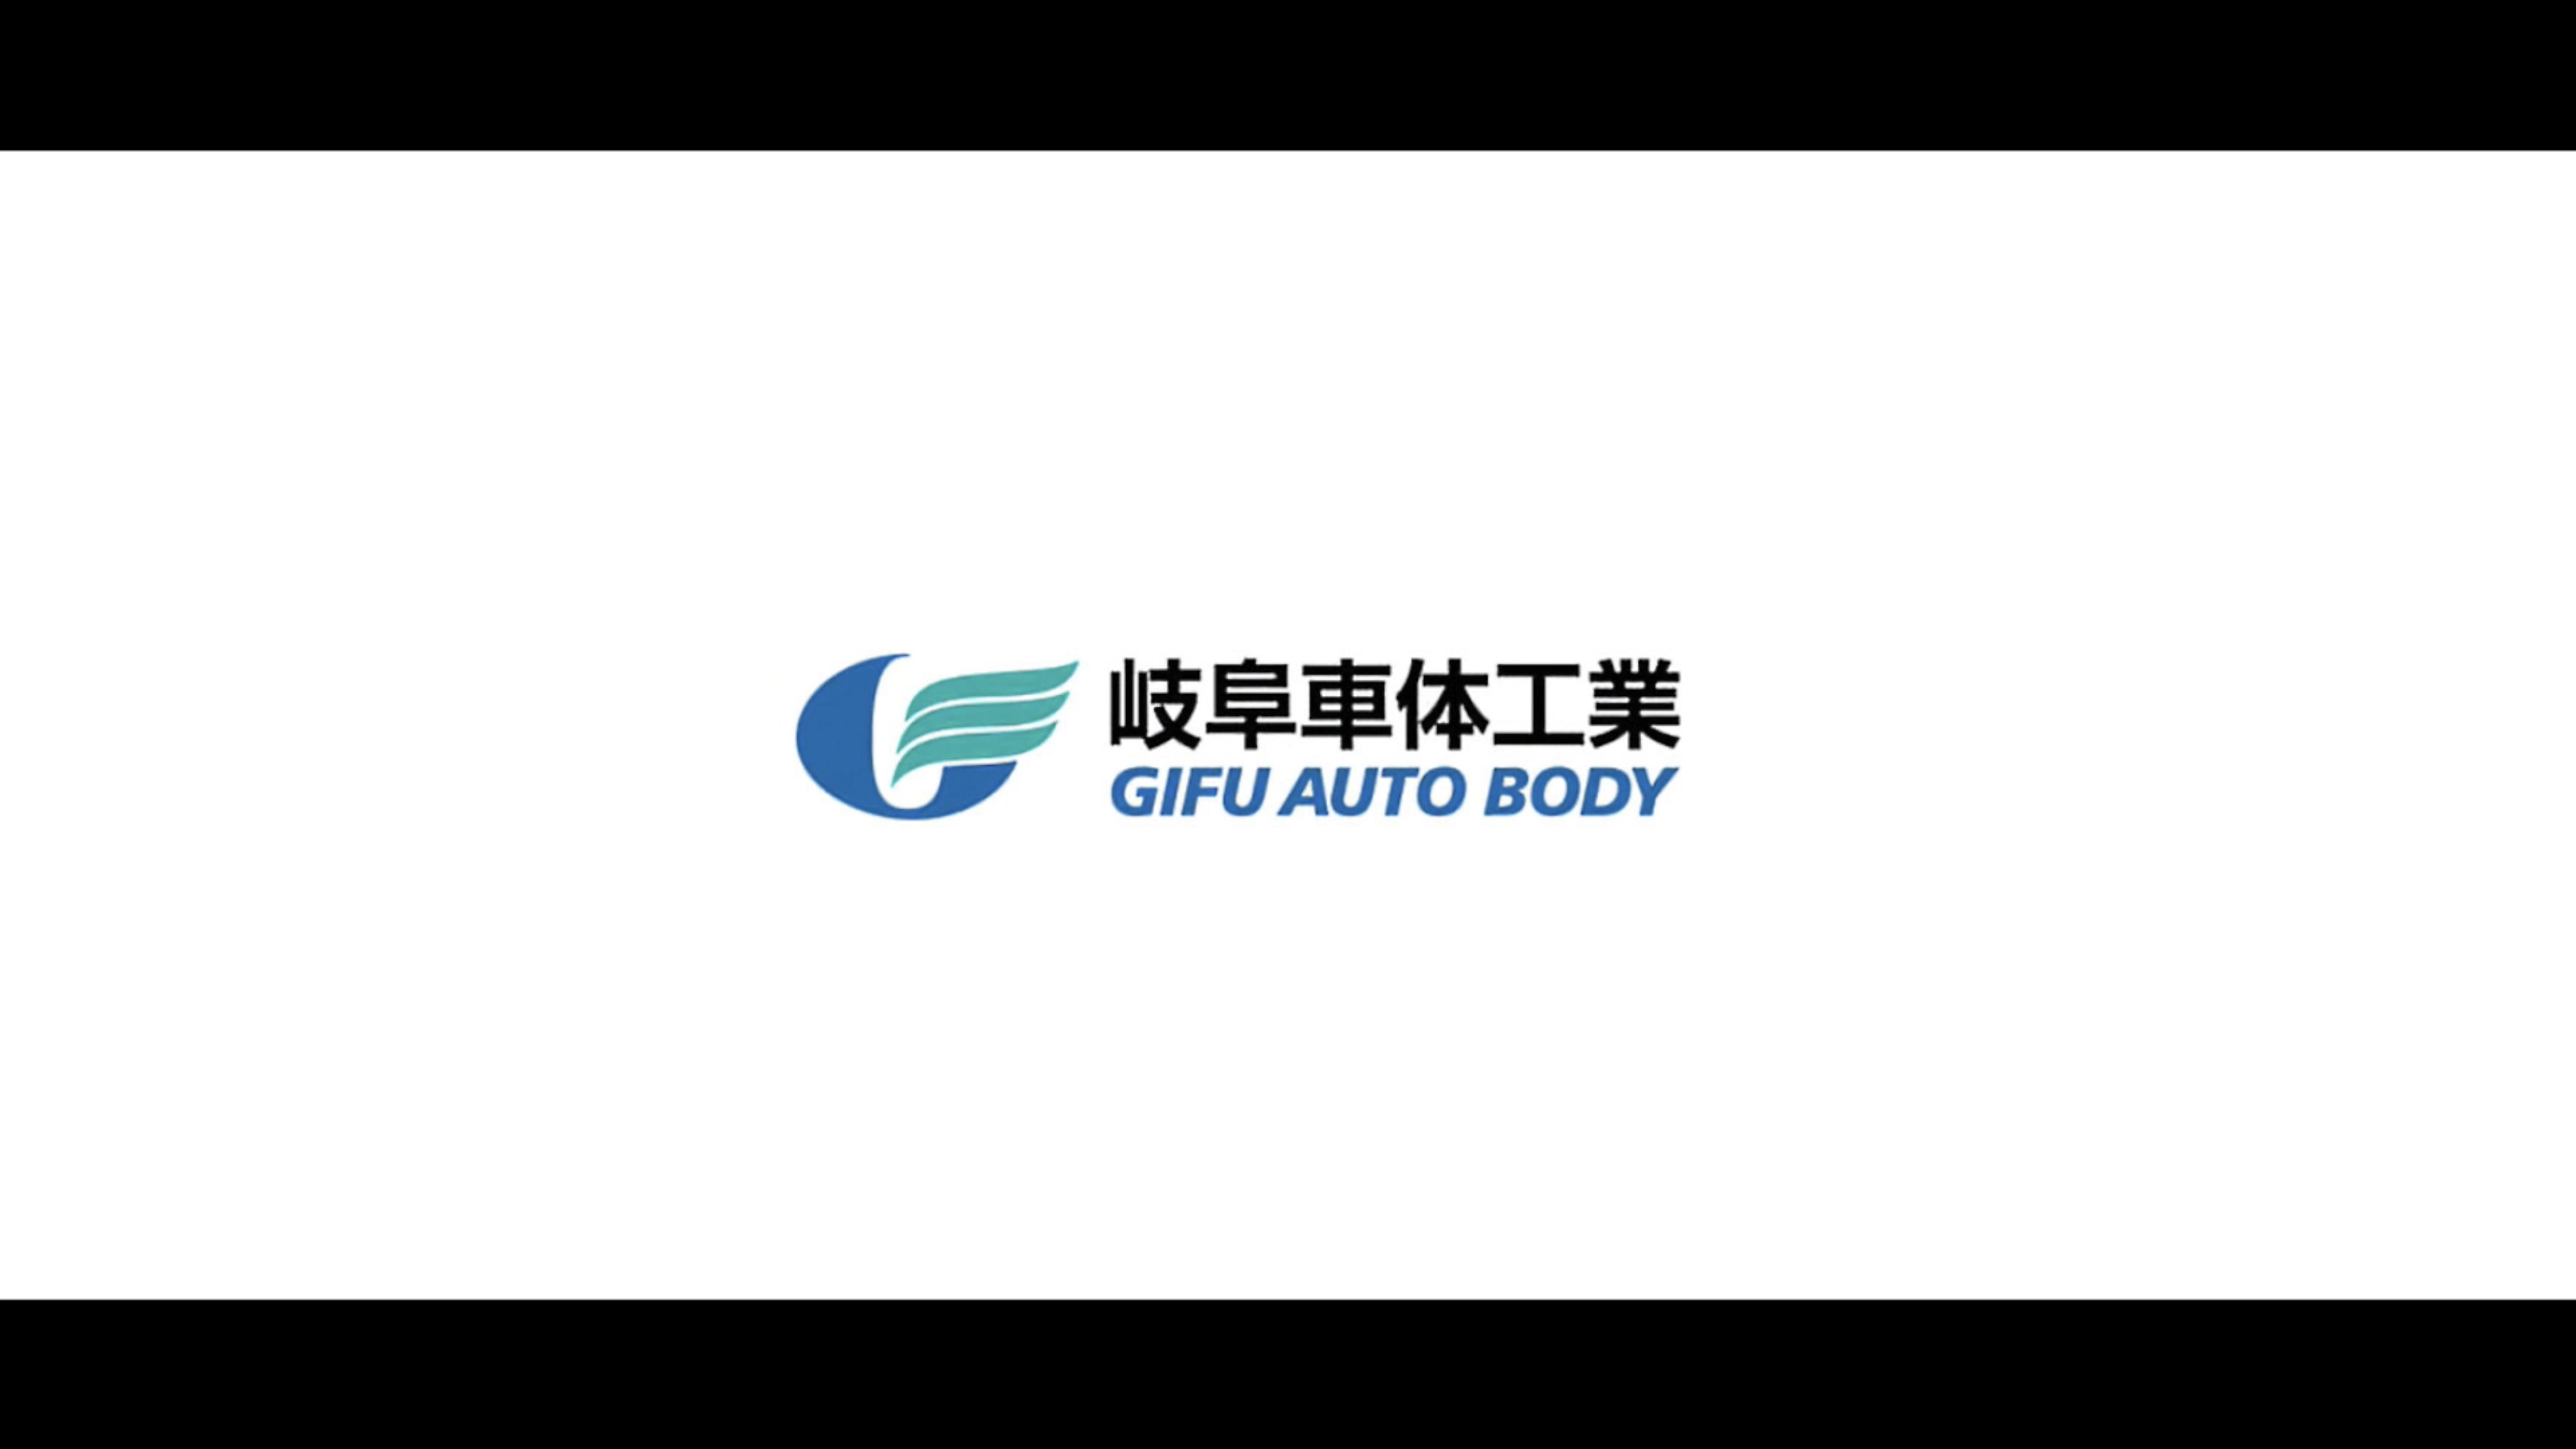 岐阜車体工業株式会社様企業案内映像